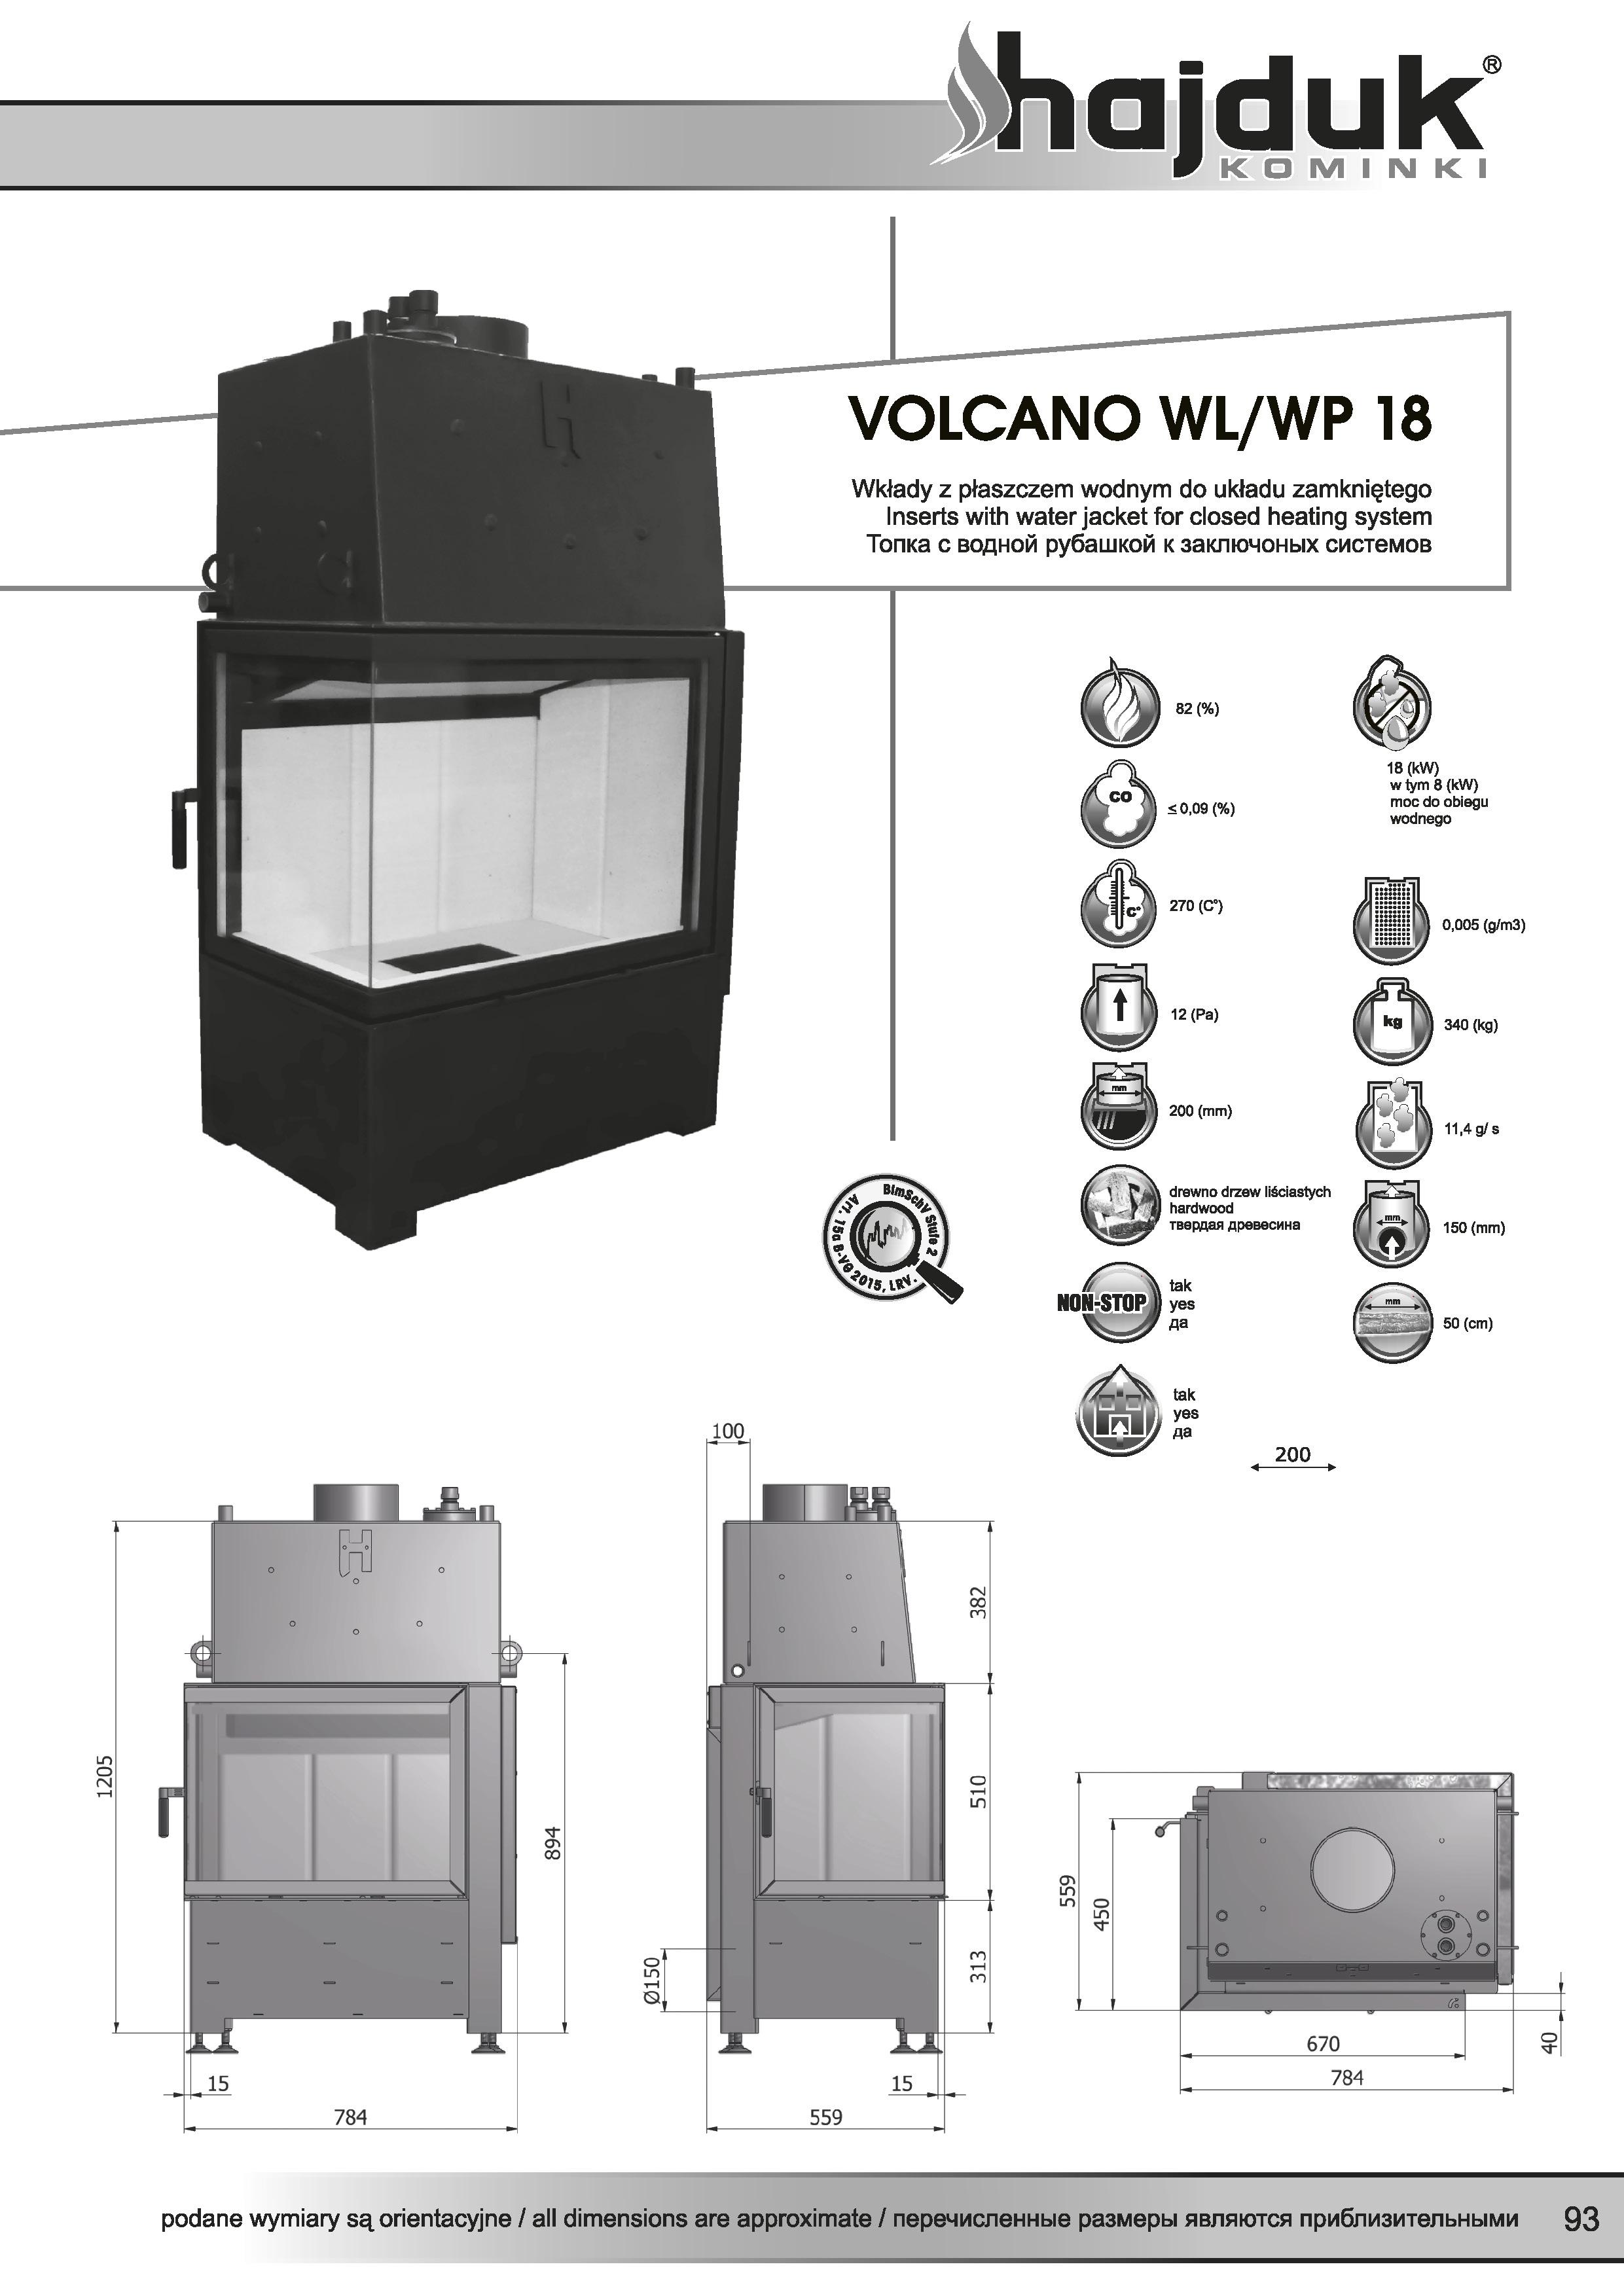 Volcano%20WL%20WP%20 %2018%20 %20karta%20techniczna - Hajduk  Volcano WL 18